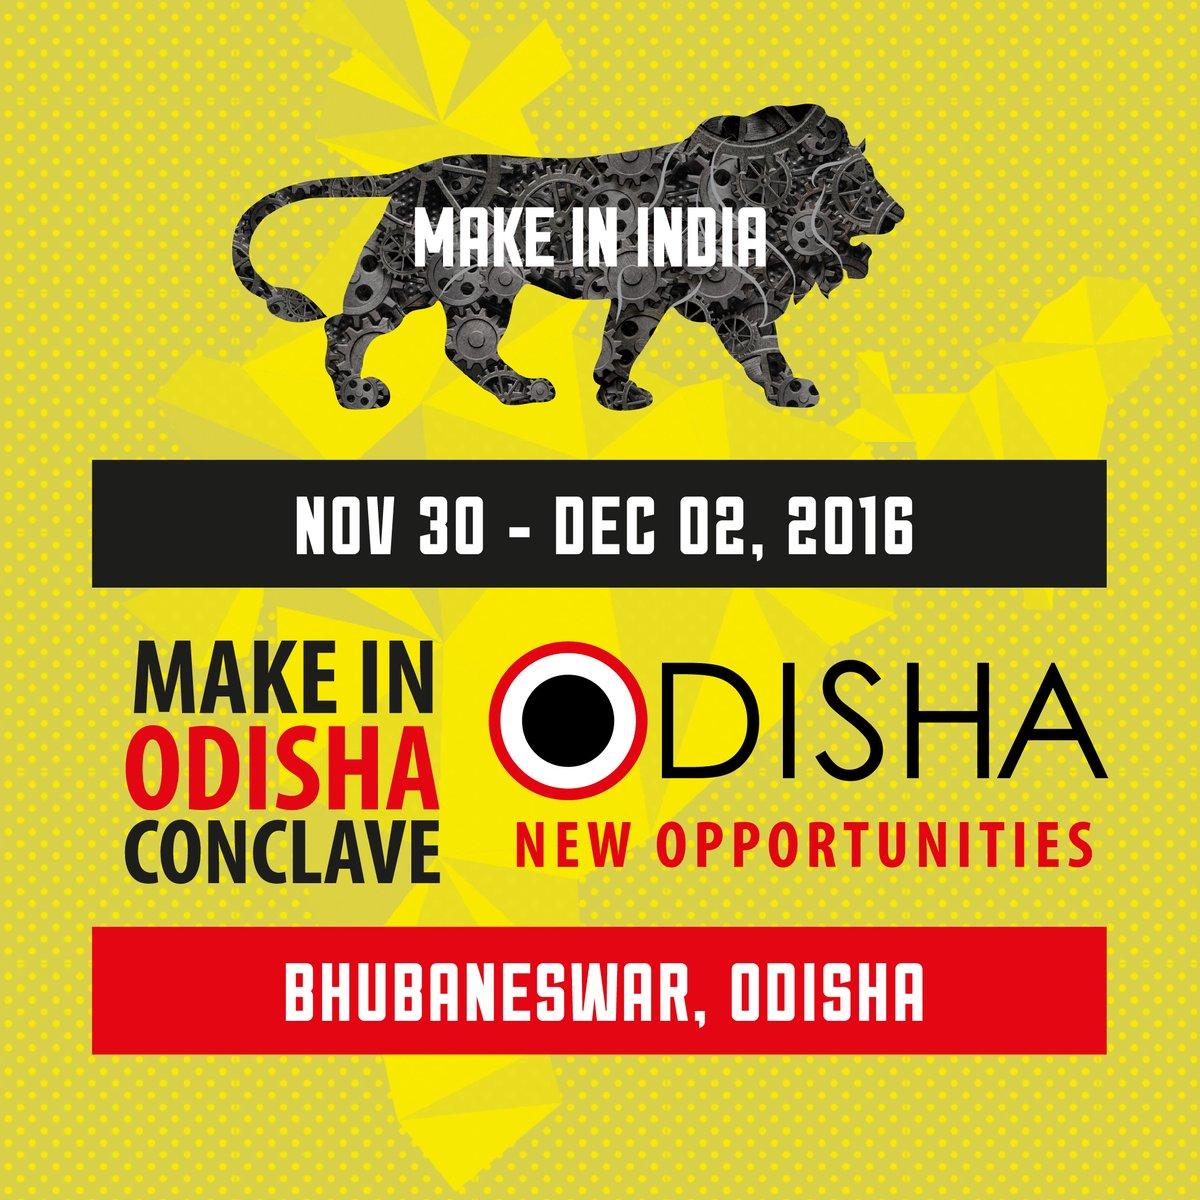 make in odisha conclave bhubaneswar buzz 6